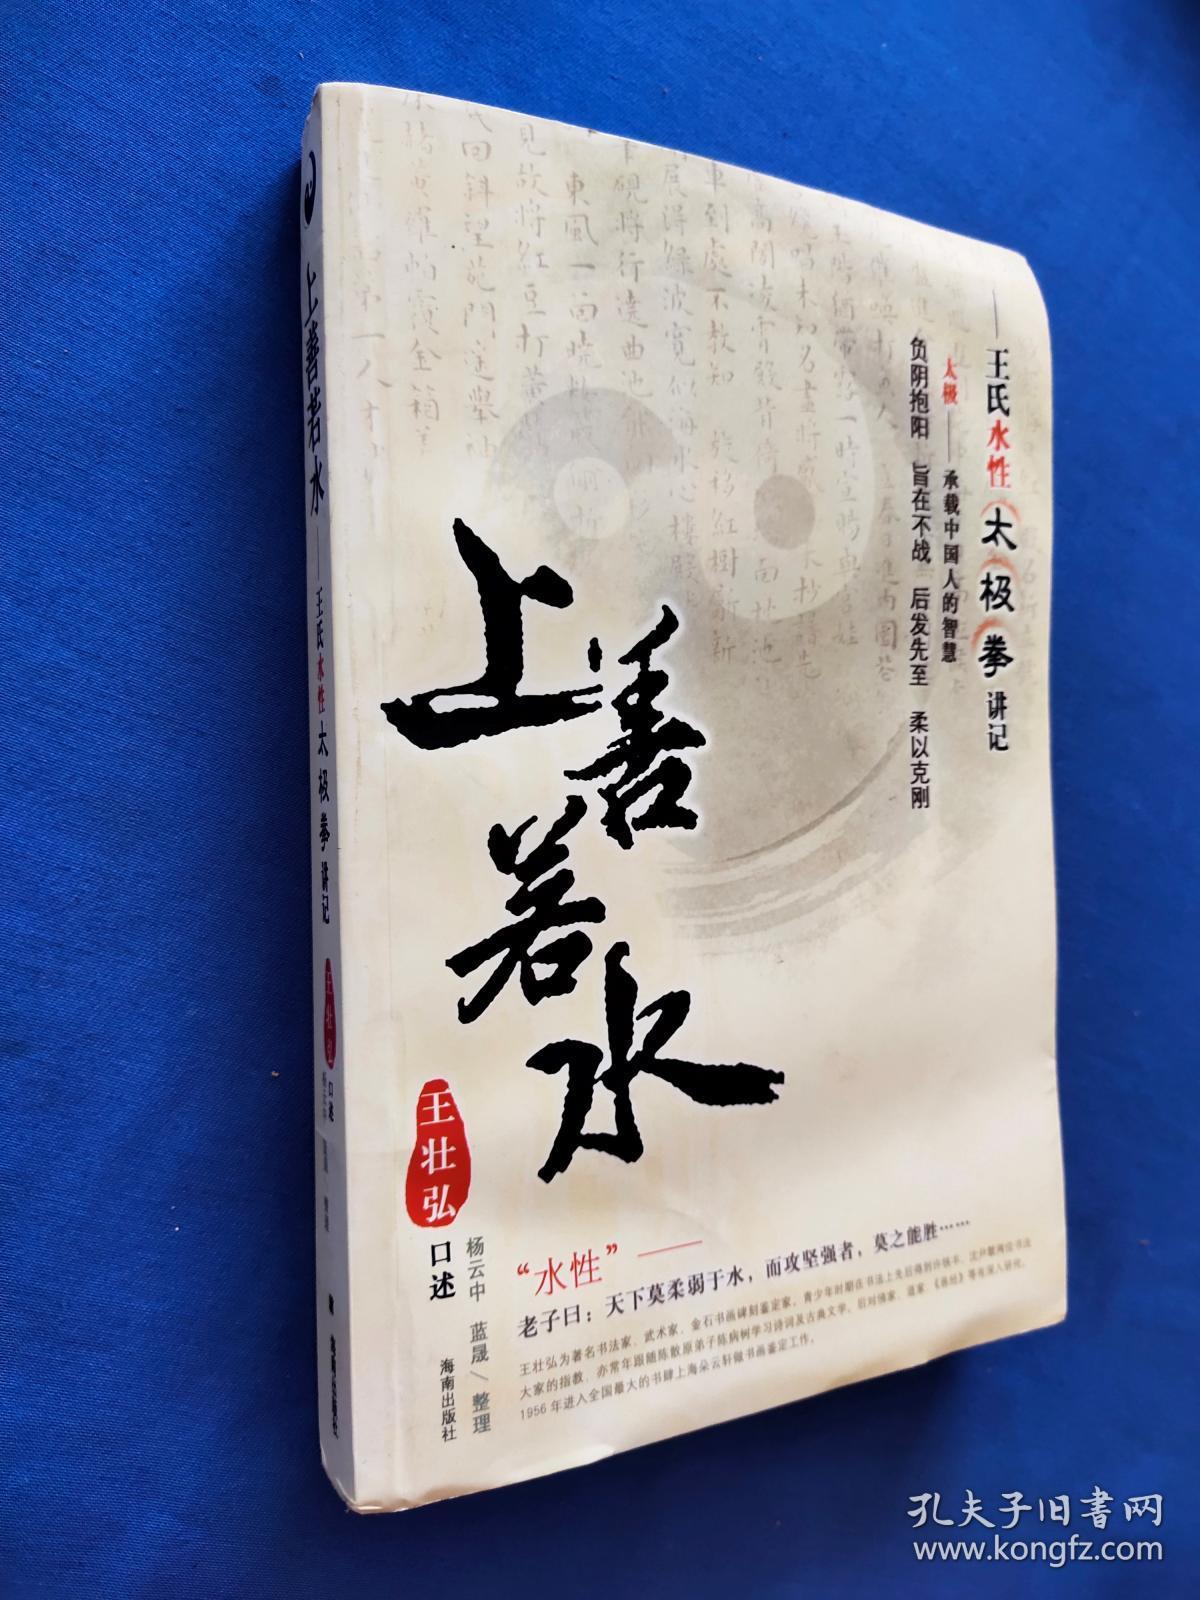 上善若水:王氏水性太极拳讲记 (有光盘)